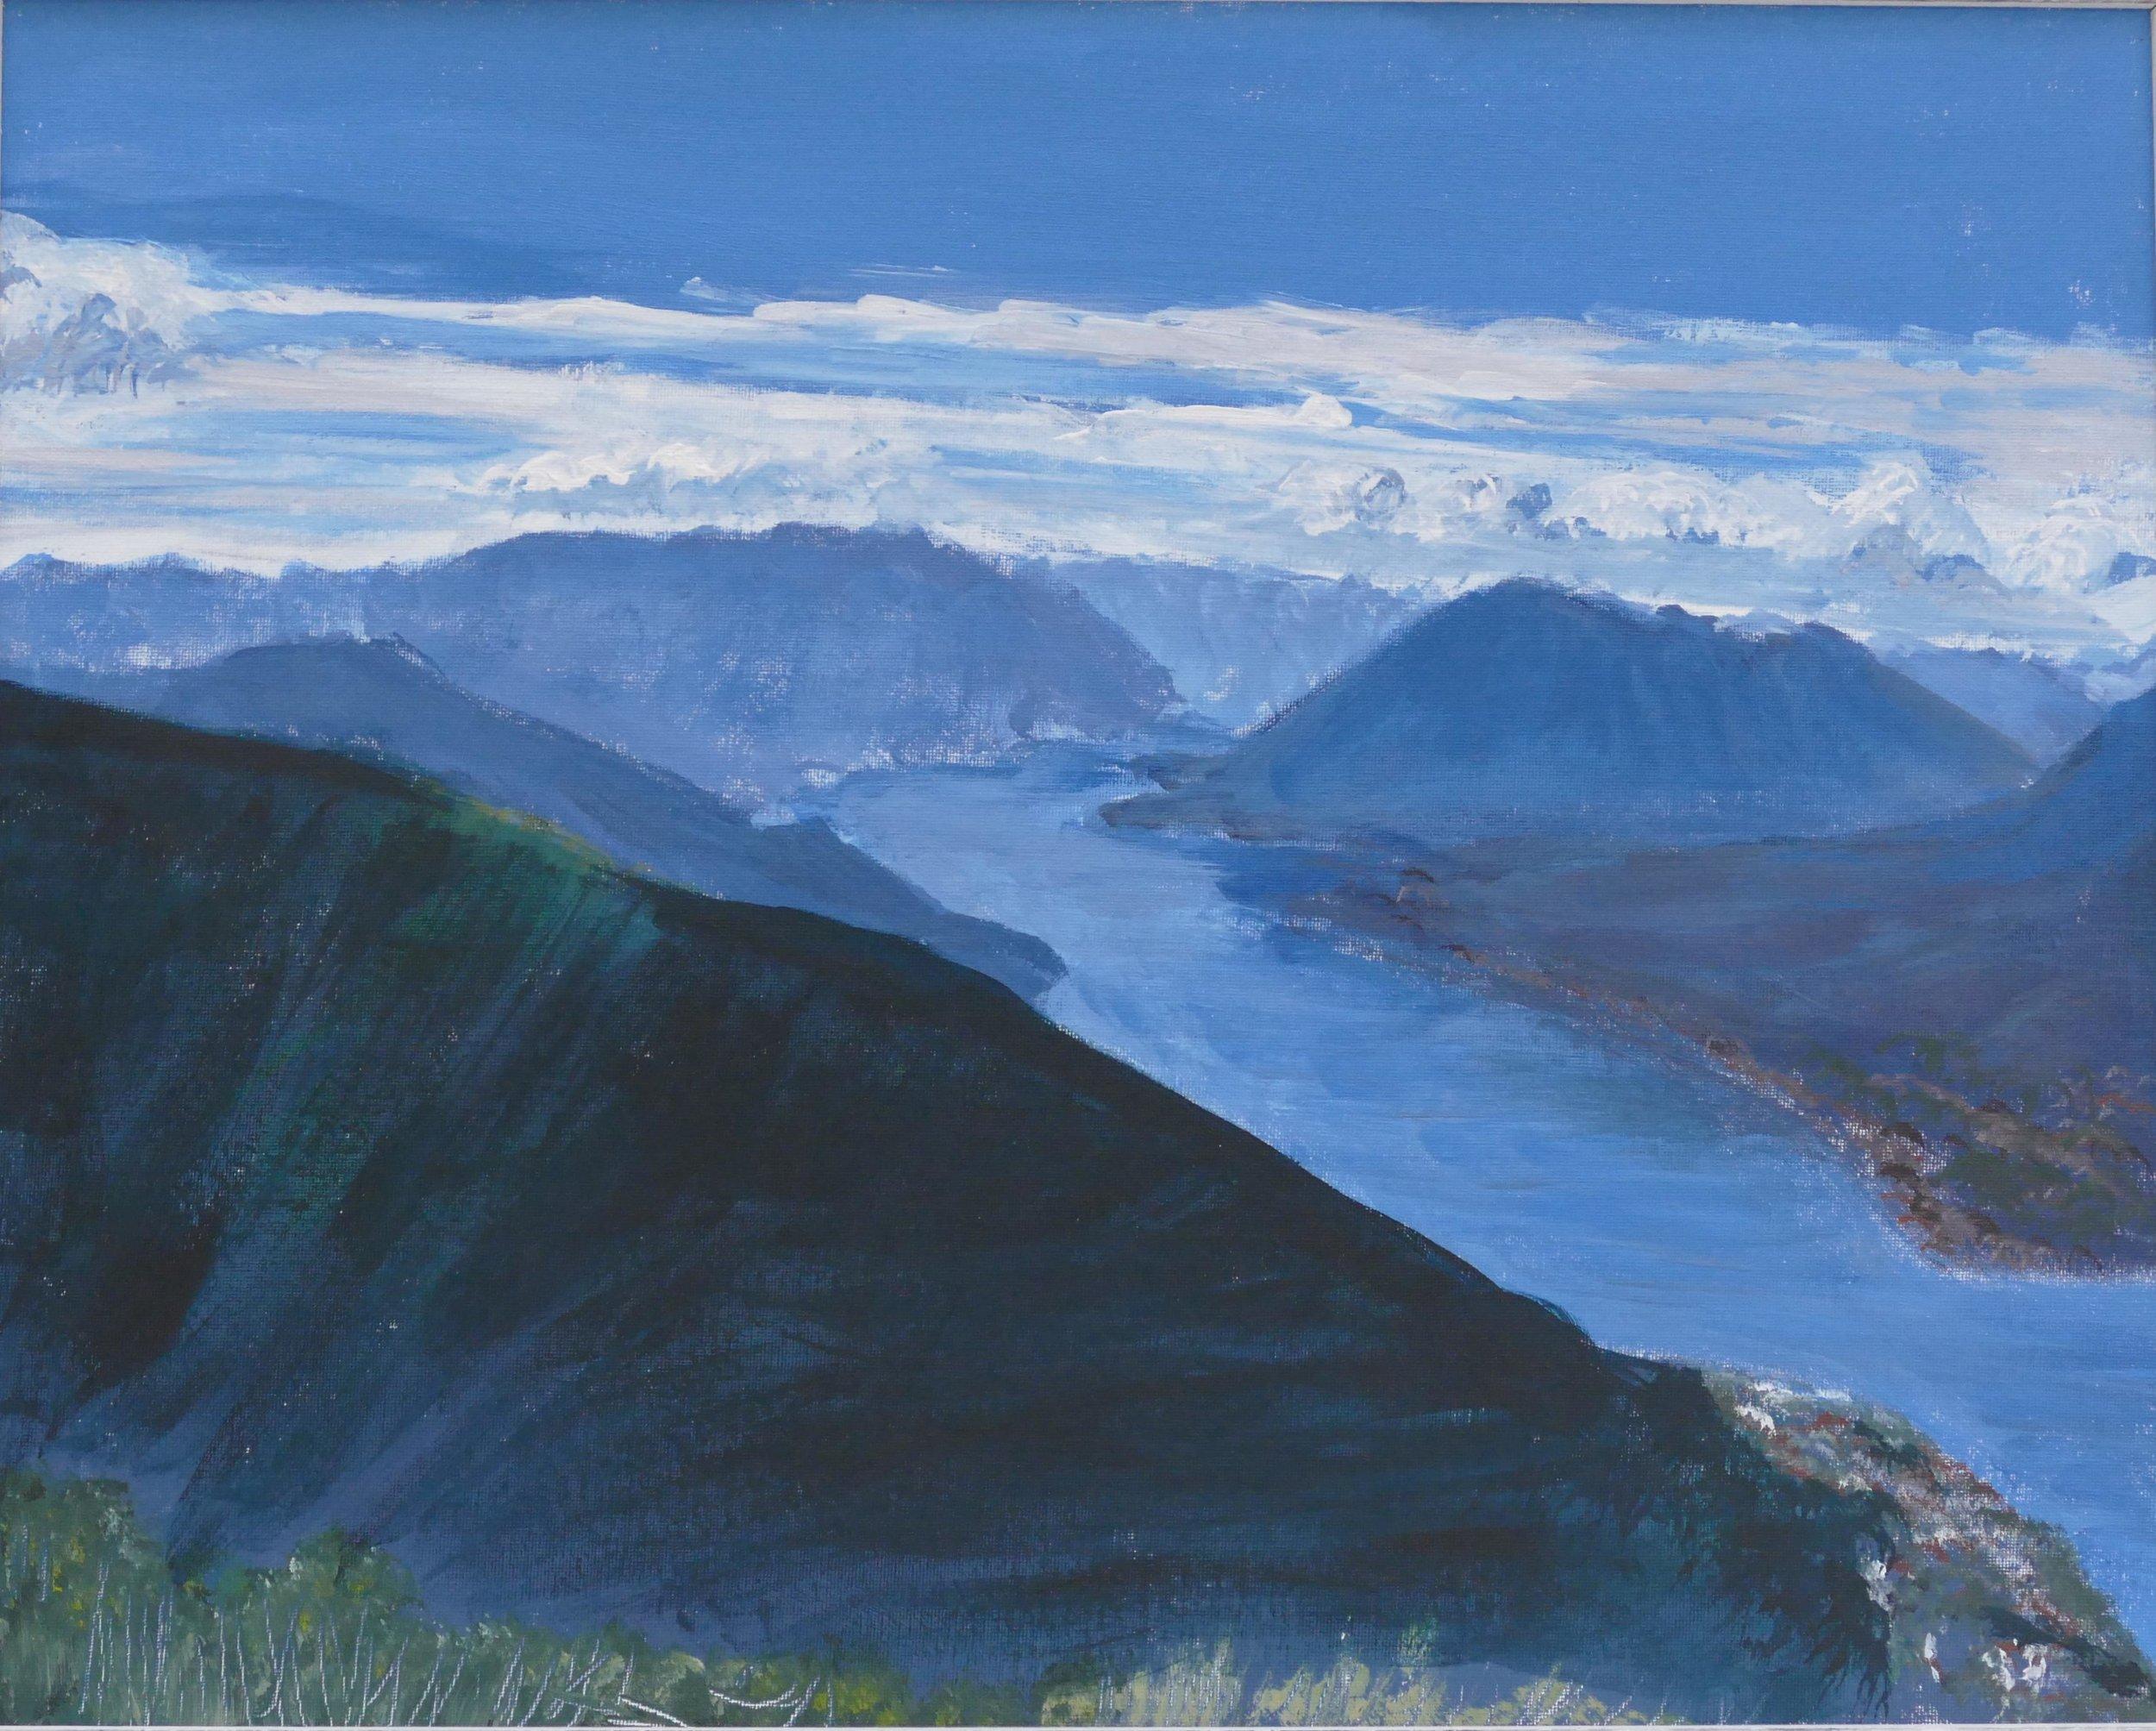 Print 7 - Lake Como - Size: 377 x 307